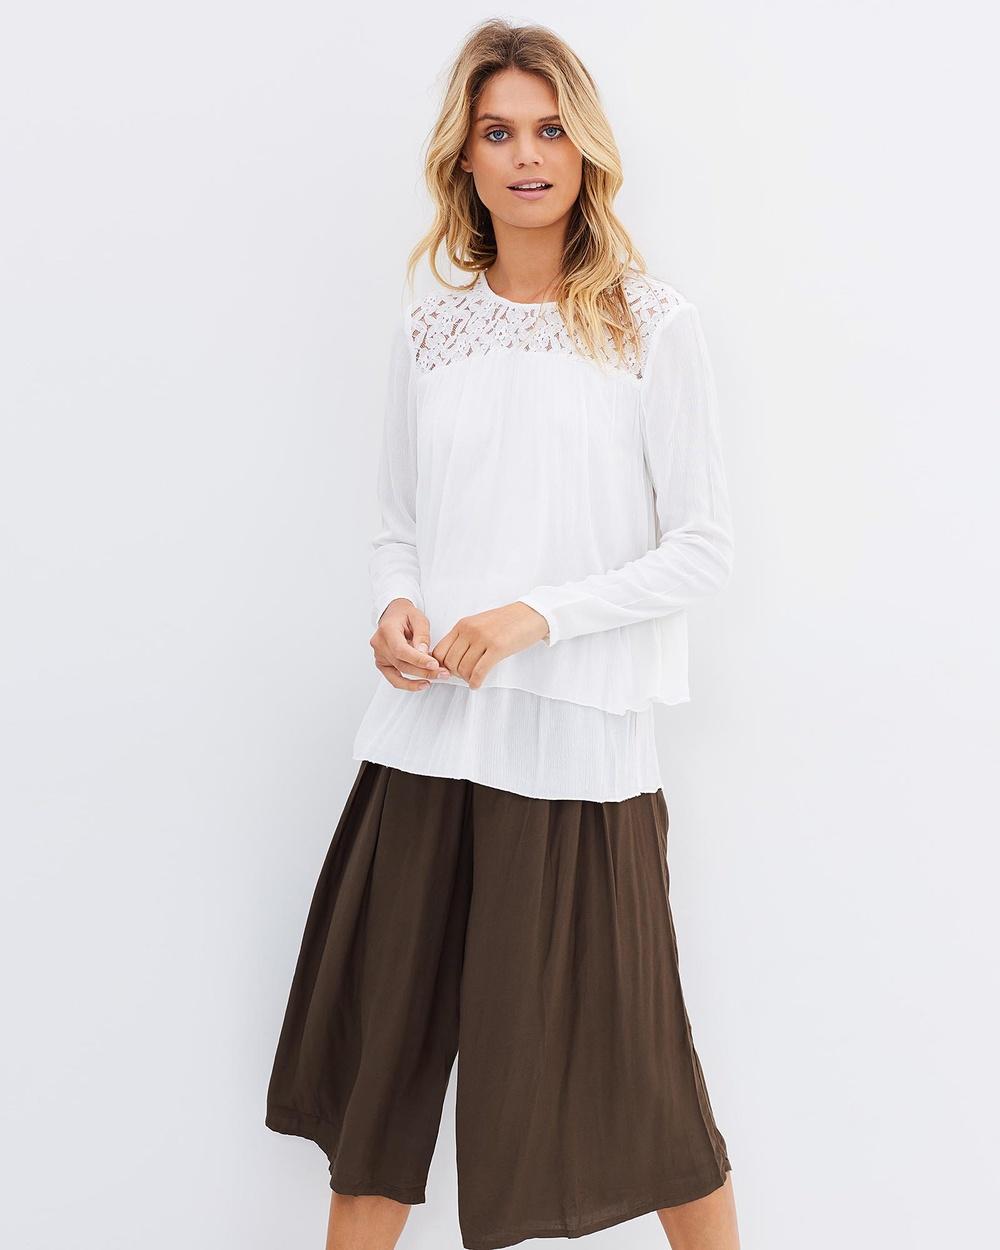 Kaja Clothing Linn Blouse Tops Off-White Linn Blouse